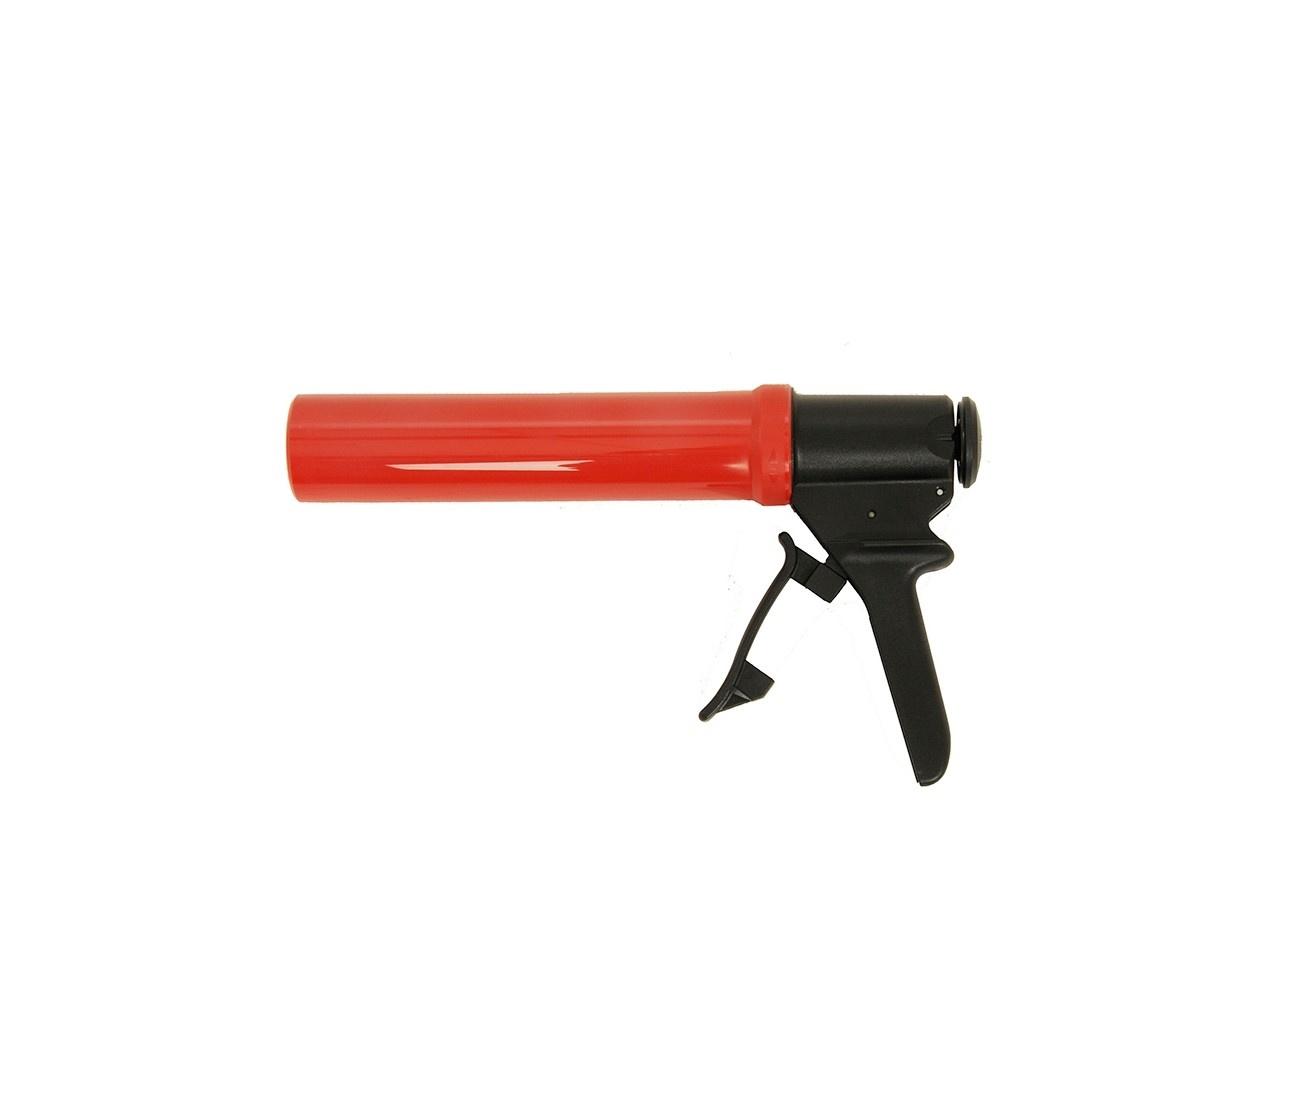 connect Handkitpistool Pro 2000 rood